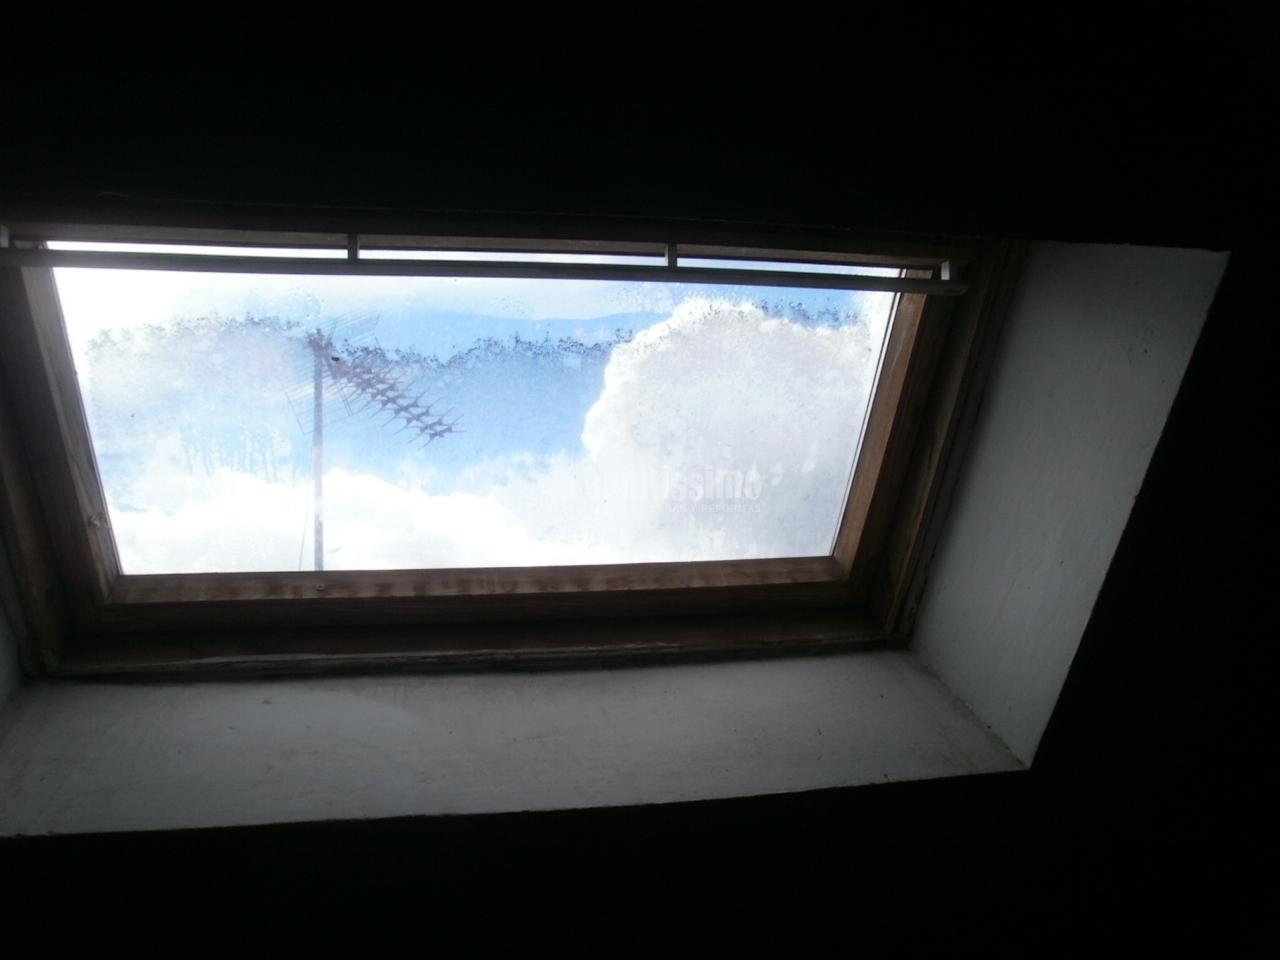 Cambiar ventana de buhardilla arganda del rey madrid - Cambiar ventanas precio ...